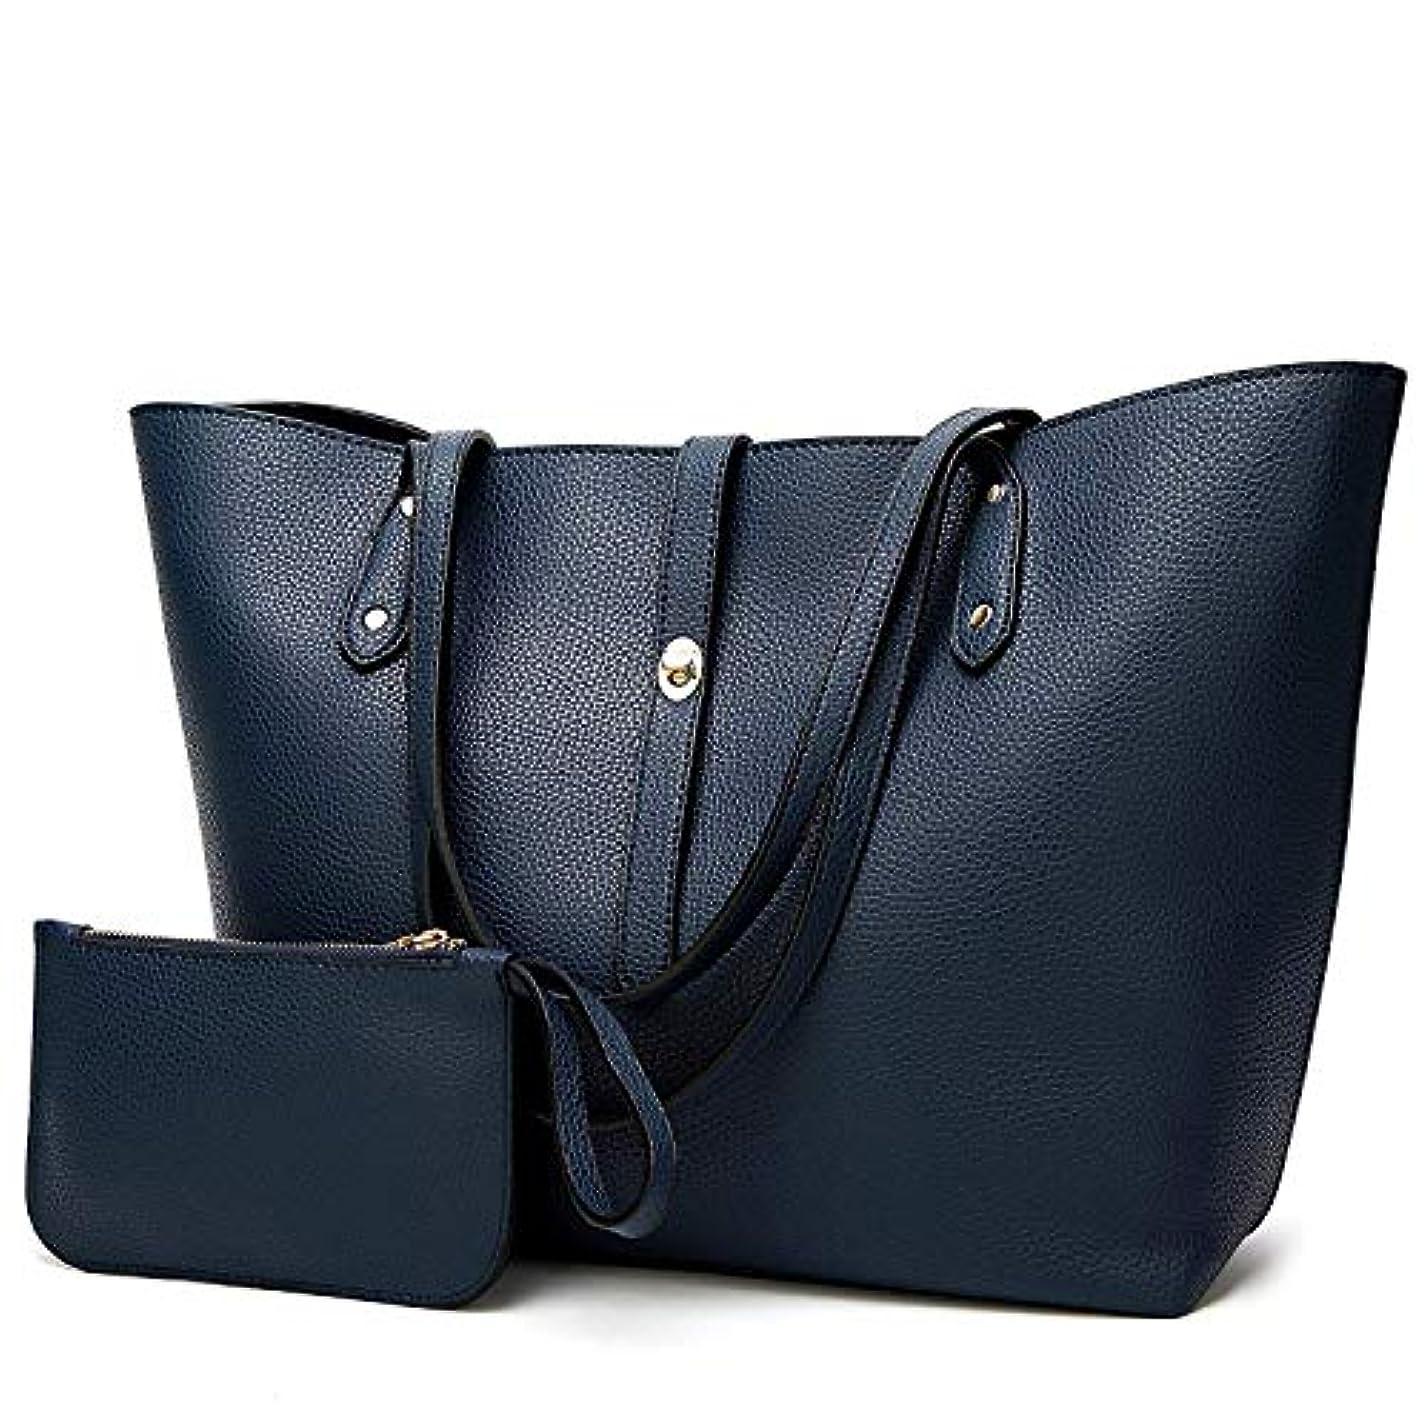 精神管理します耐えられない[TcIFE] ハンドバッグ レディース トートバッグ 大容量 無地 ショルダーバッグ 2way 財布とハンドバッグ